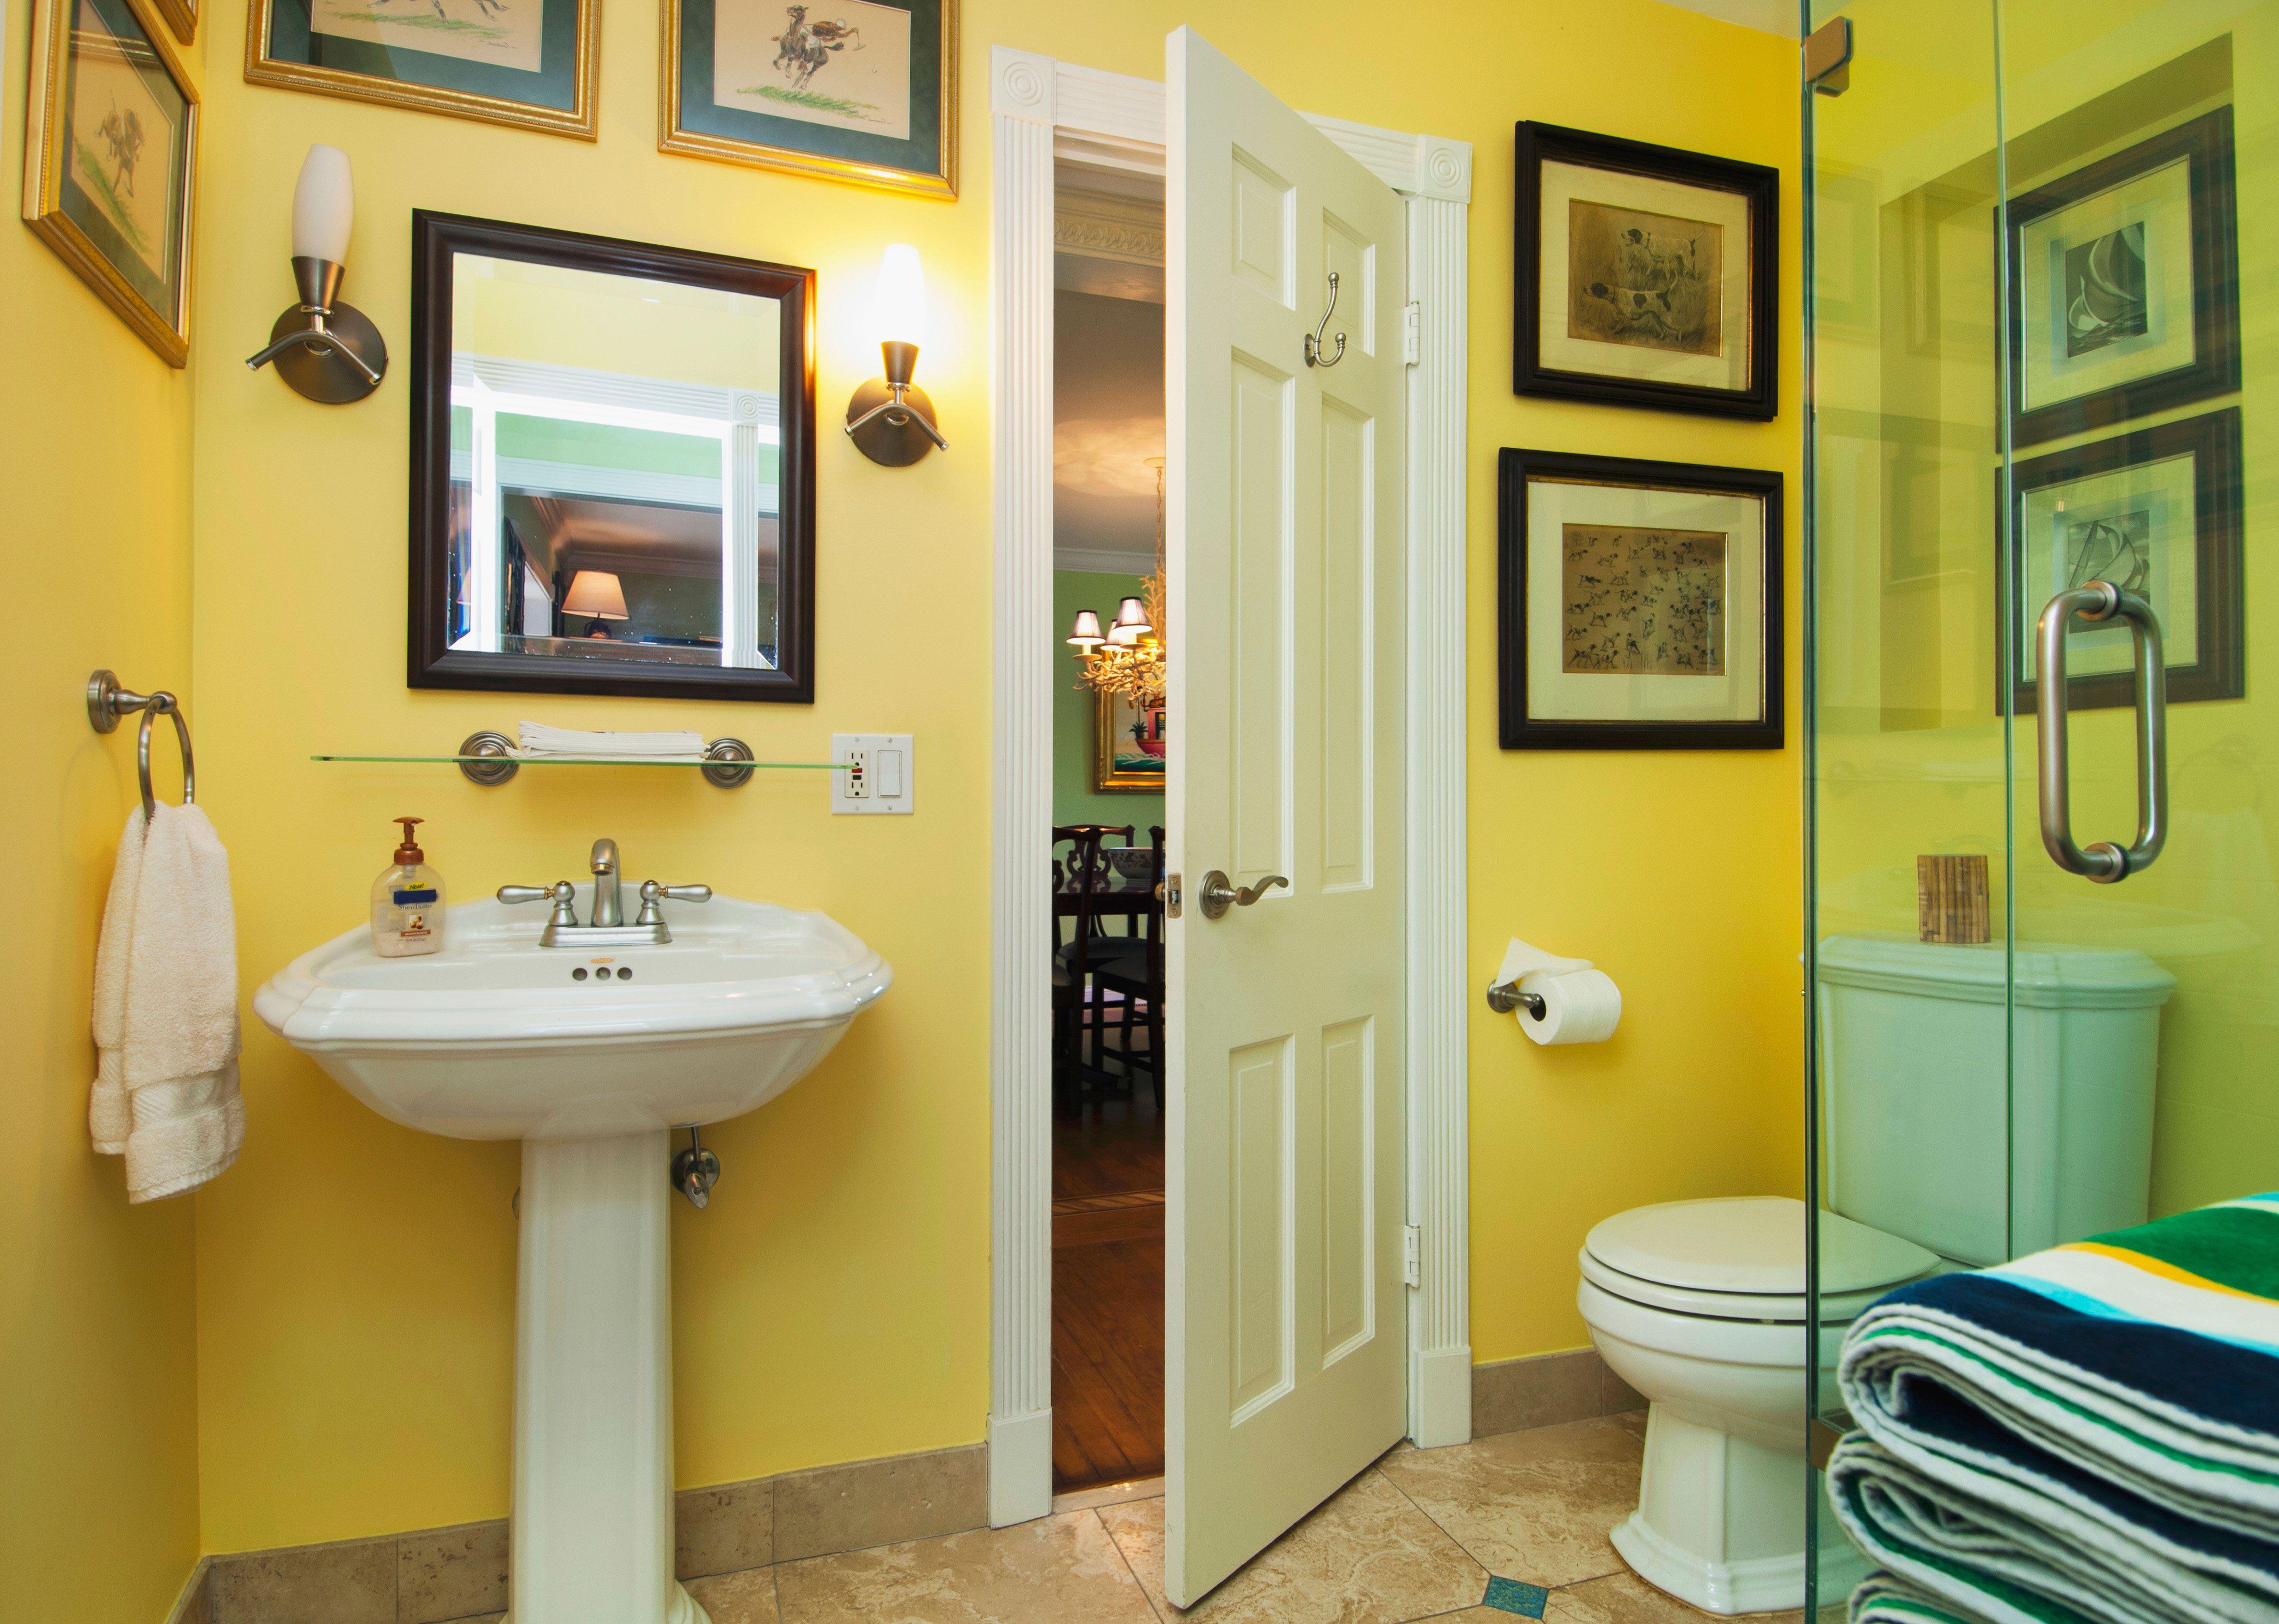 Wandgestaltung mit der Farbe Gelb